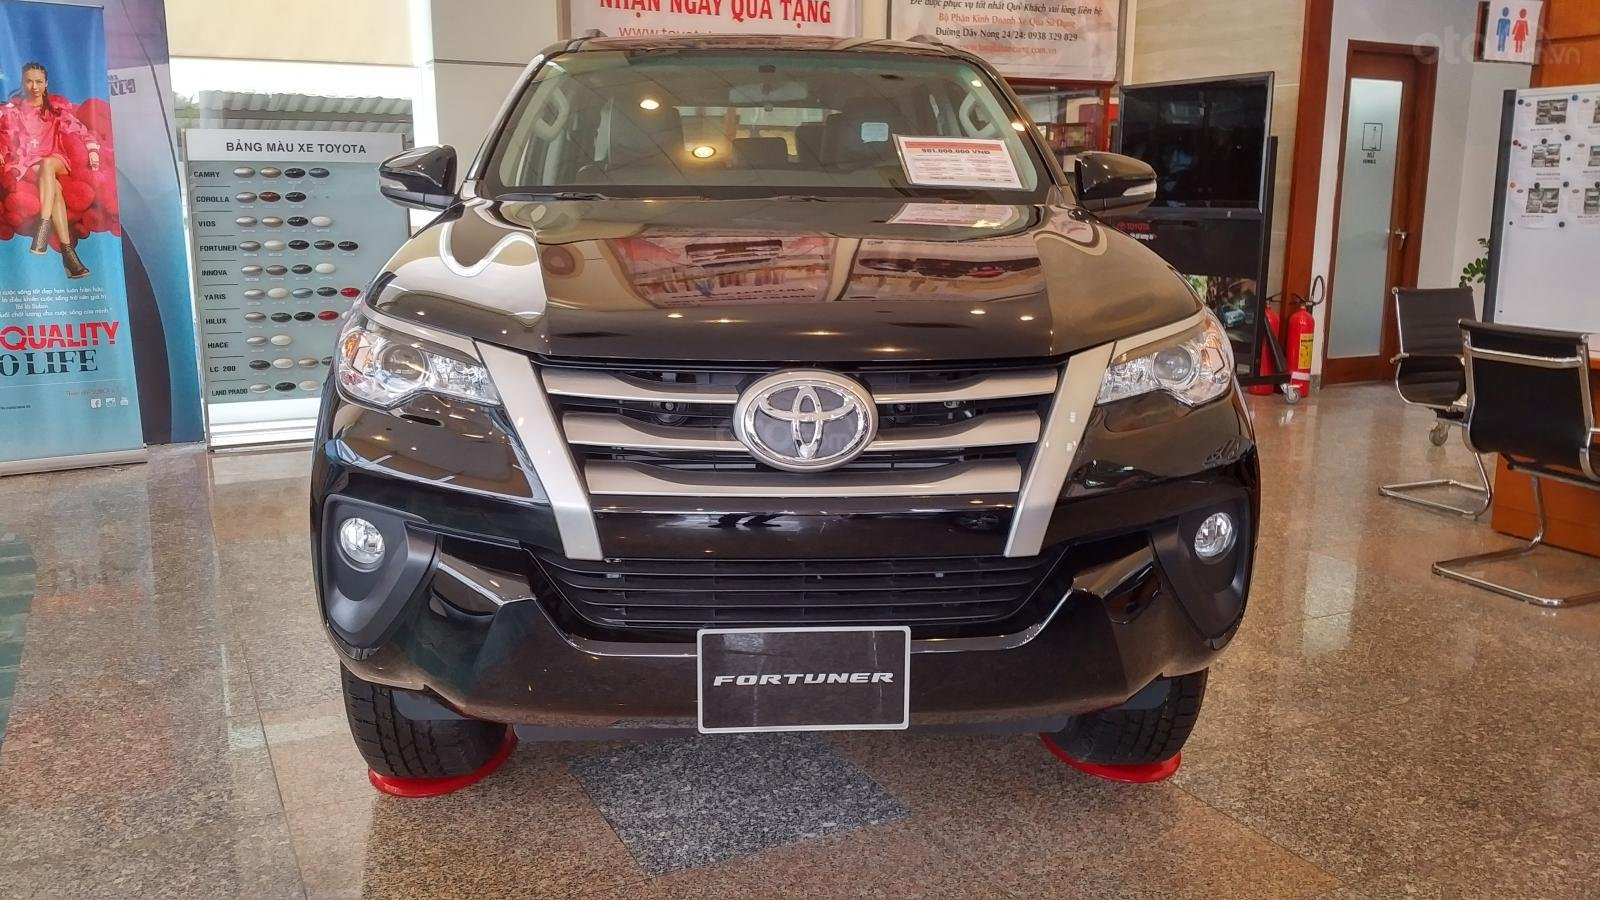 Toyota Fortuner 2.4G MT - 963 triệu - đủ màu - ưu đãi quà tặng theo xe - liên hệ 0902750051 (1)